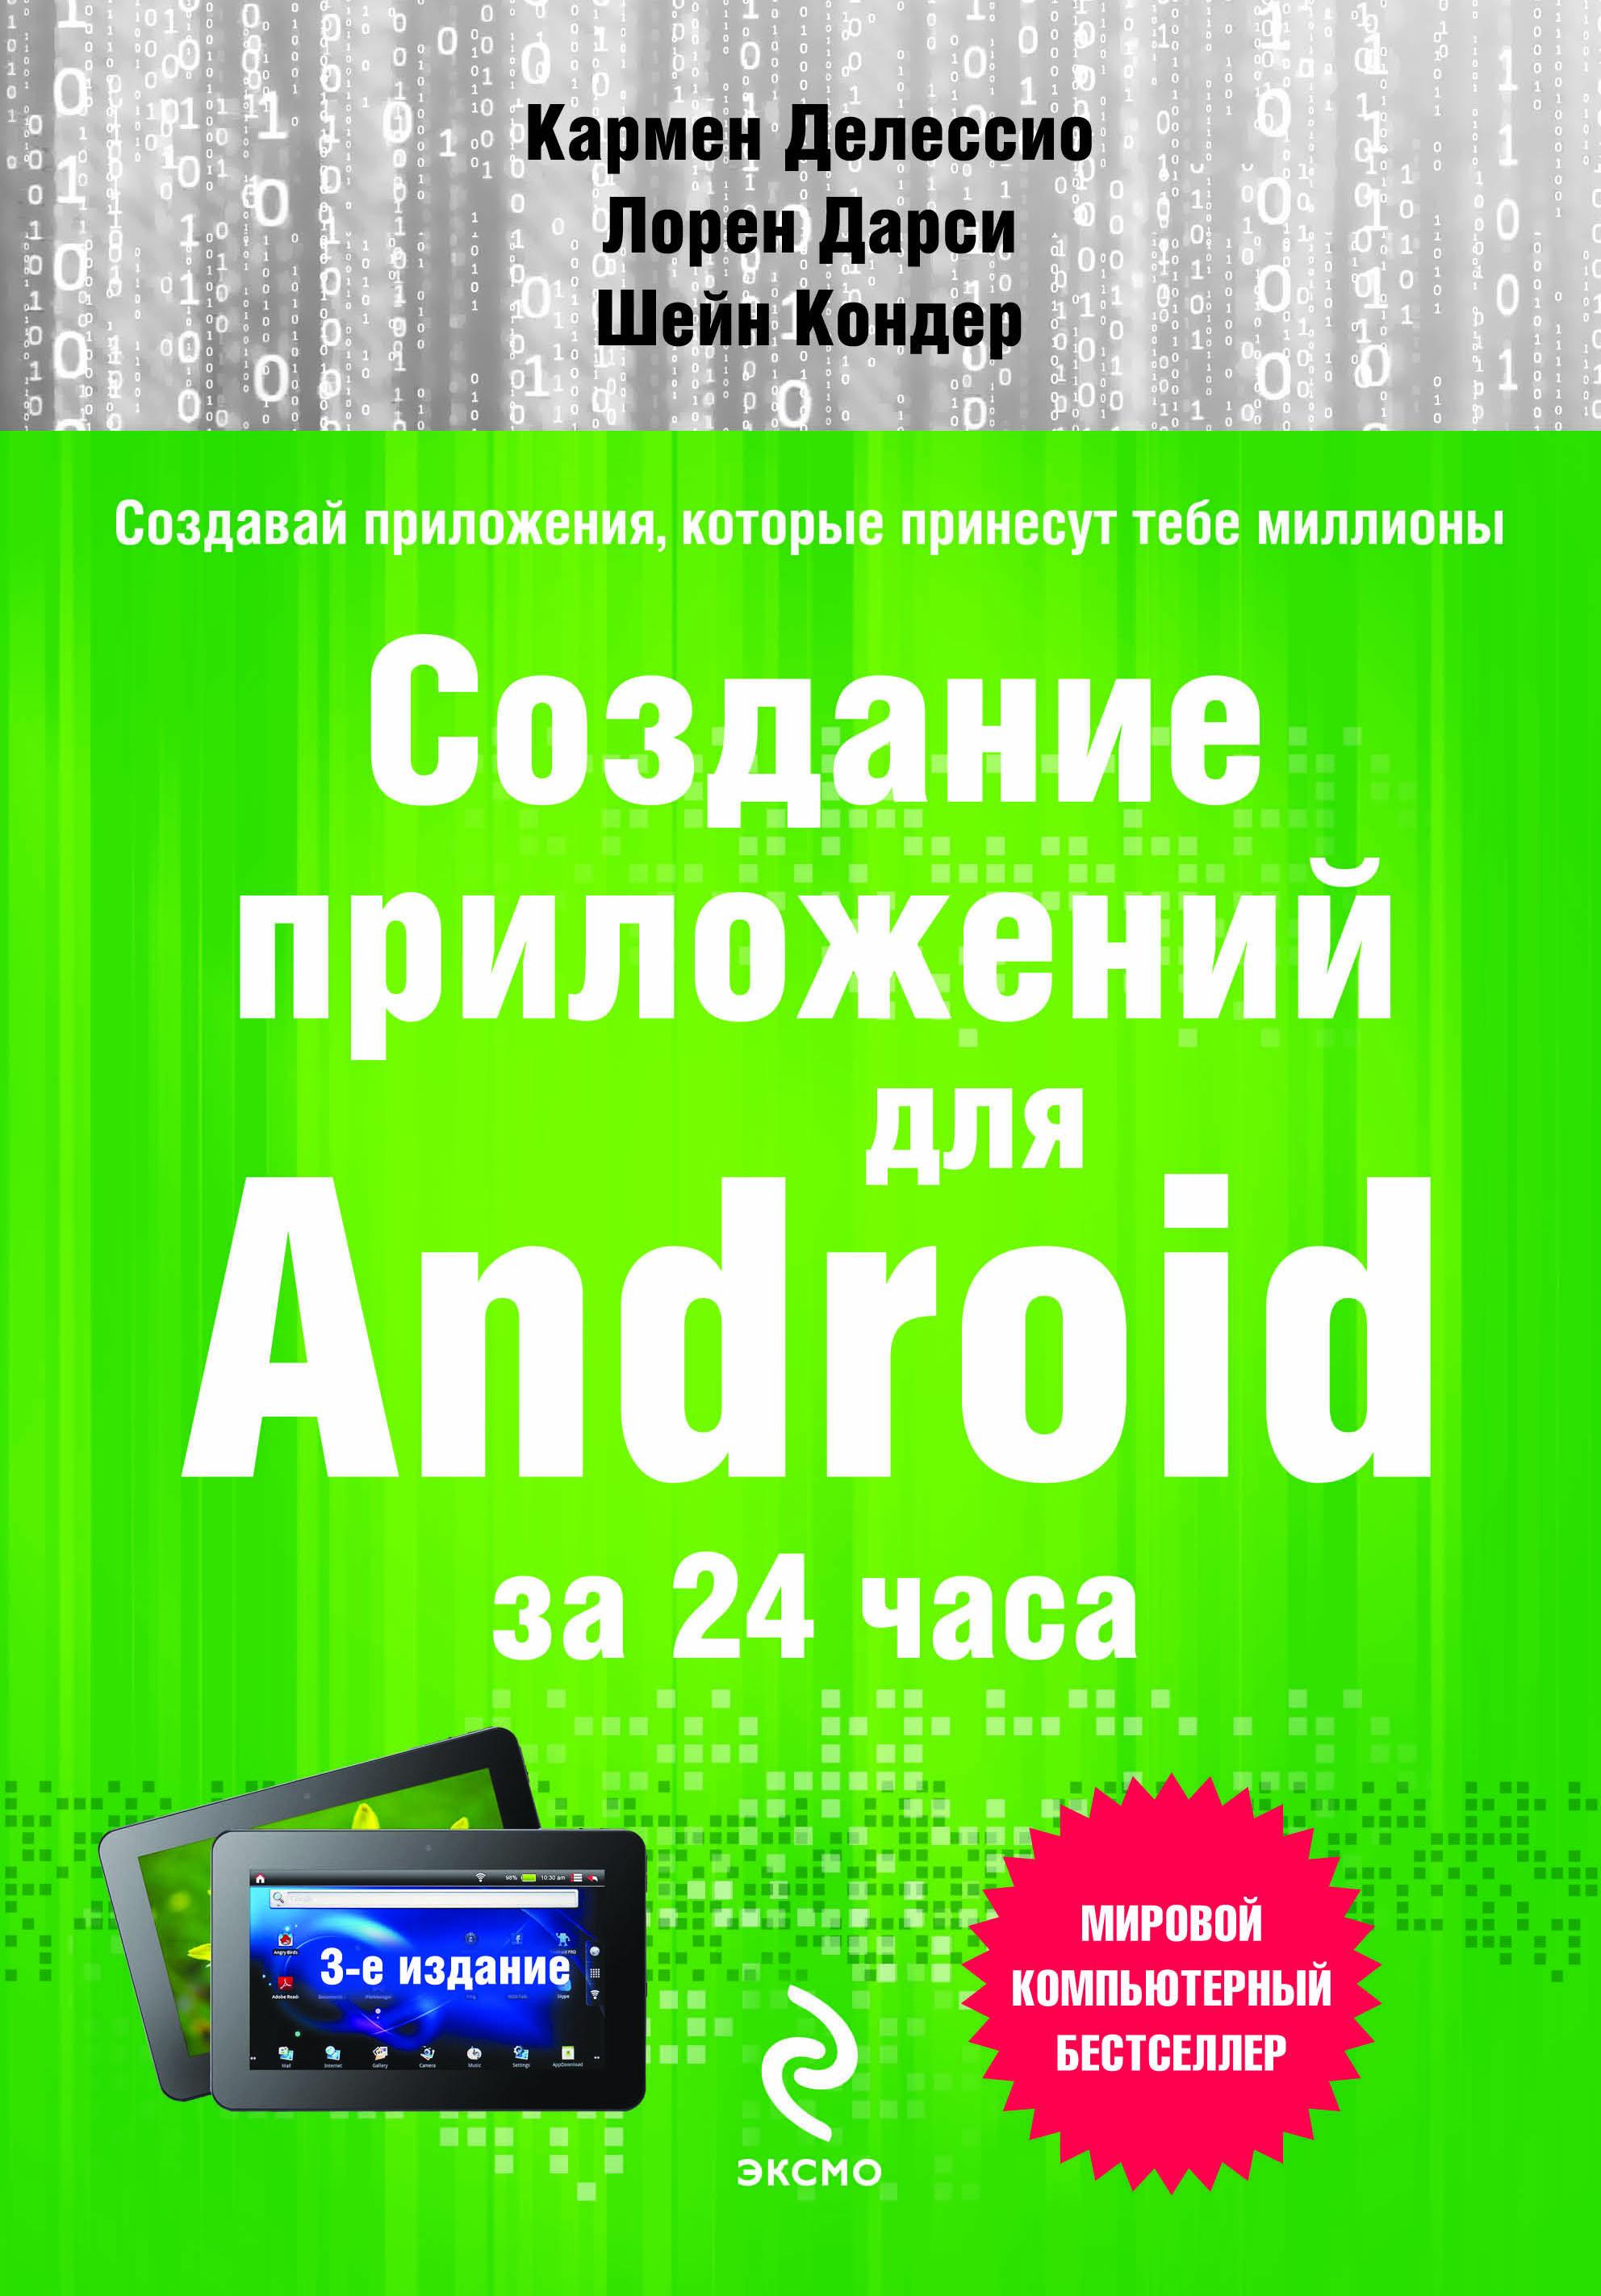 Приложения для андроид 3 фотография